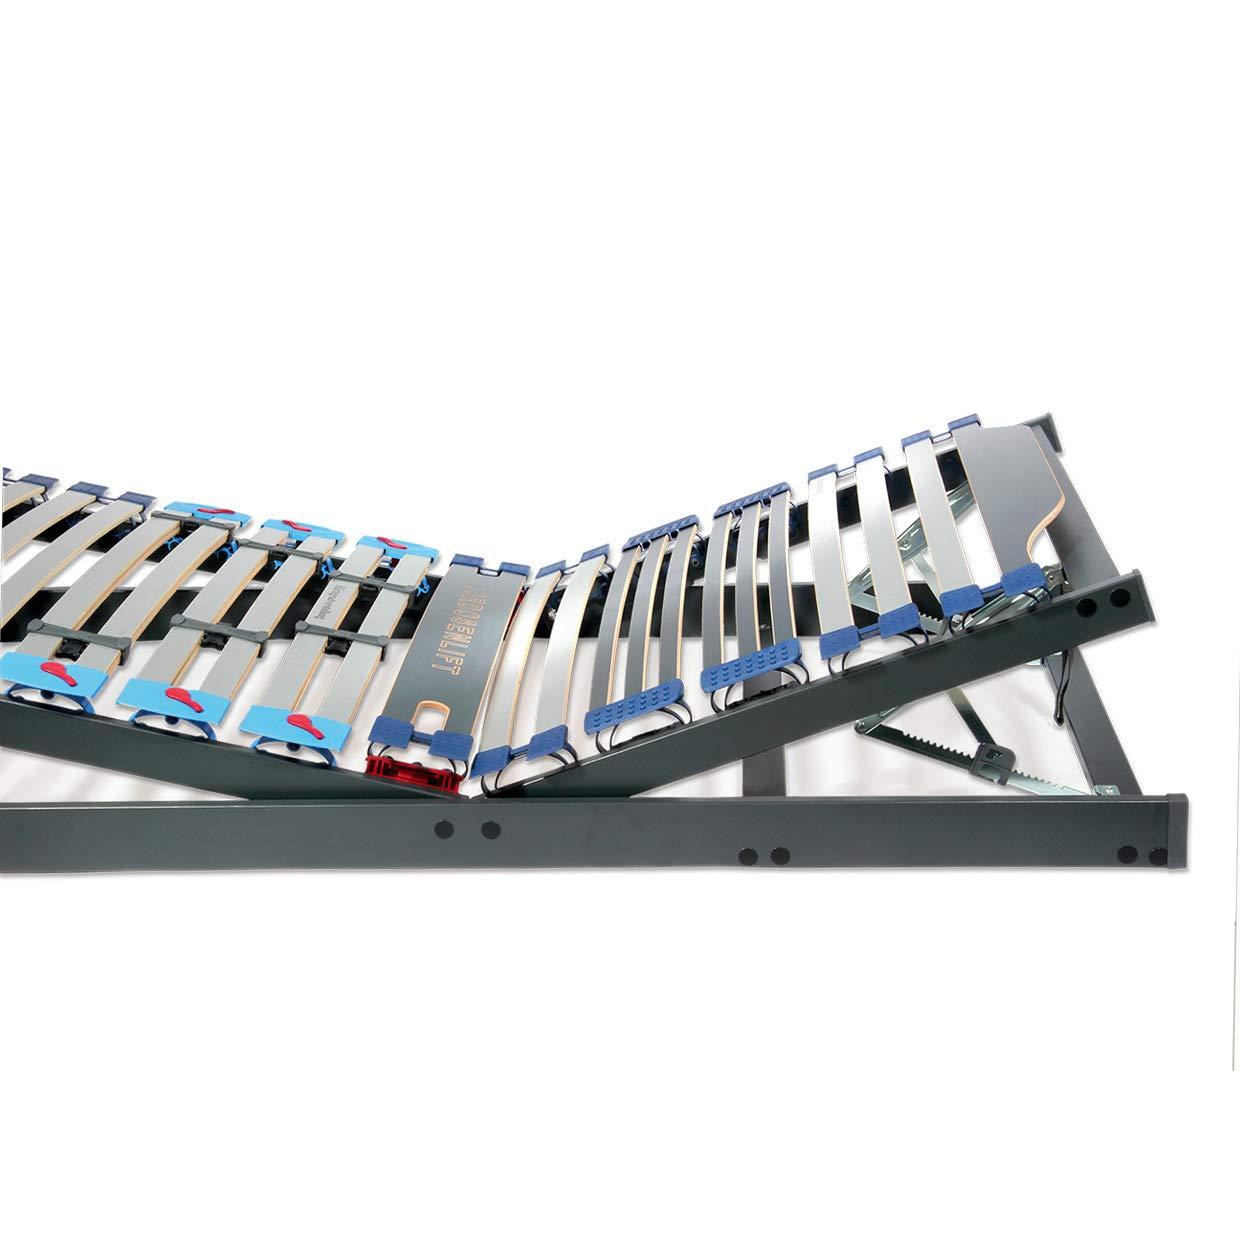 matratze für mich by MATRABELLA Lattenrost Lars Kopf- und Fußteil verstellbar. Holzleisten-Lattenrost bis 200 kg belastbar (80 x 220 cm)